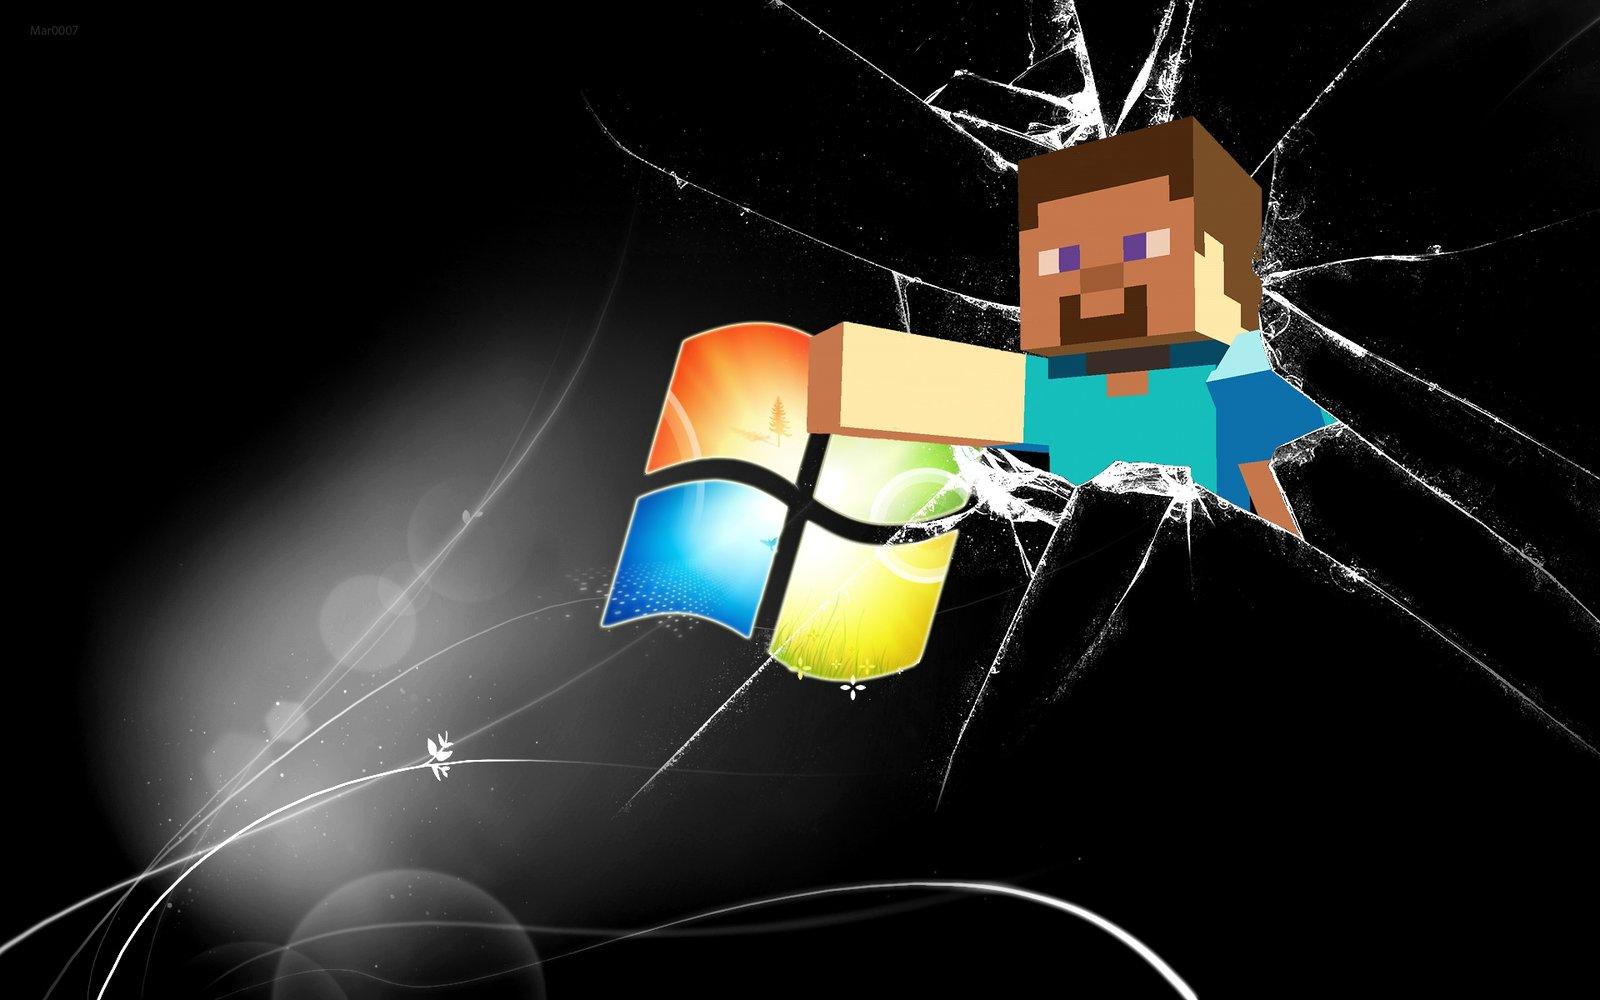 Minecraft Steve Windows Wallpaper by AlduinTheW0rld3ater 1600x1000